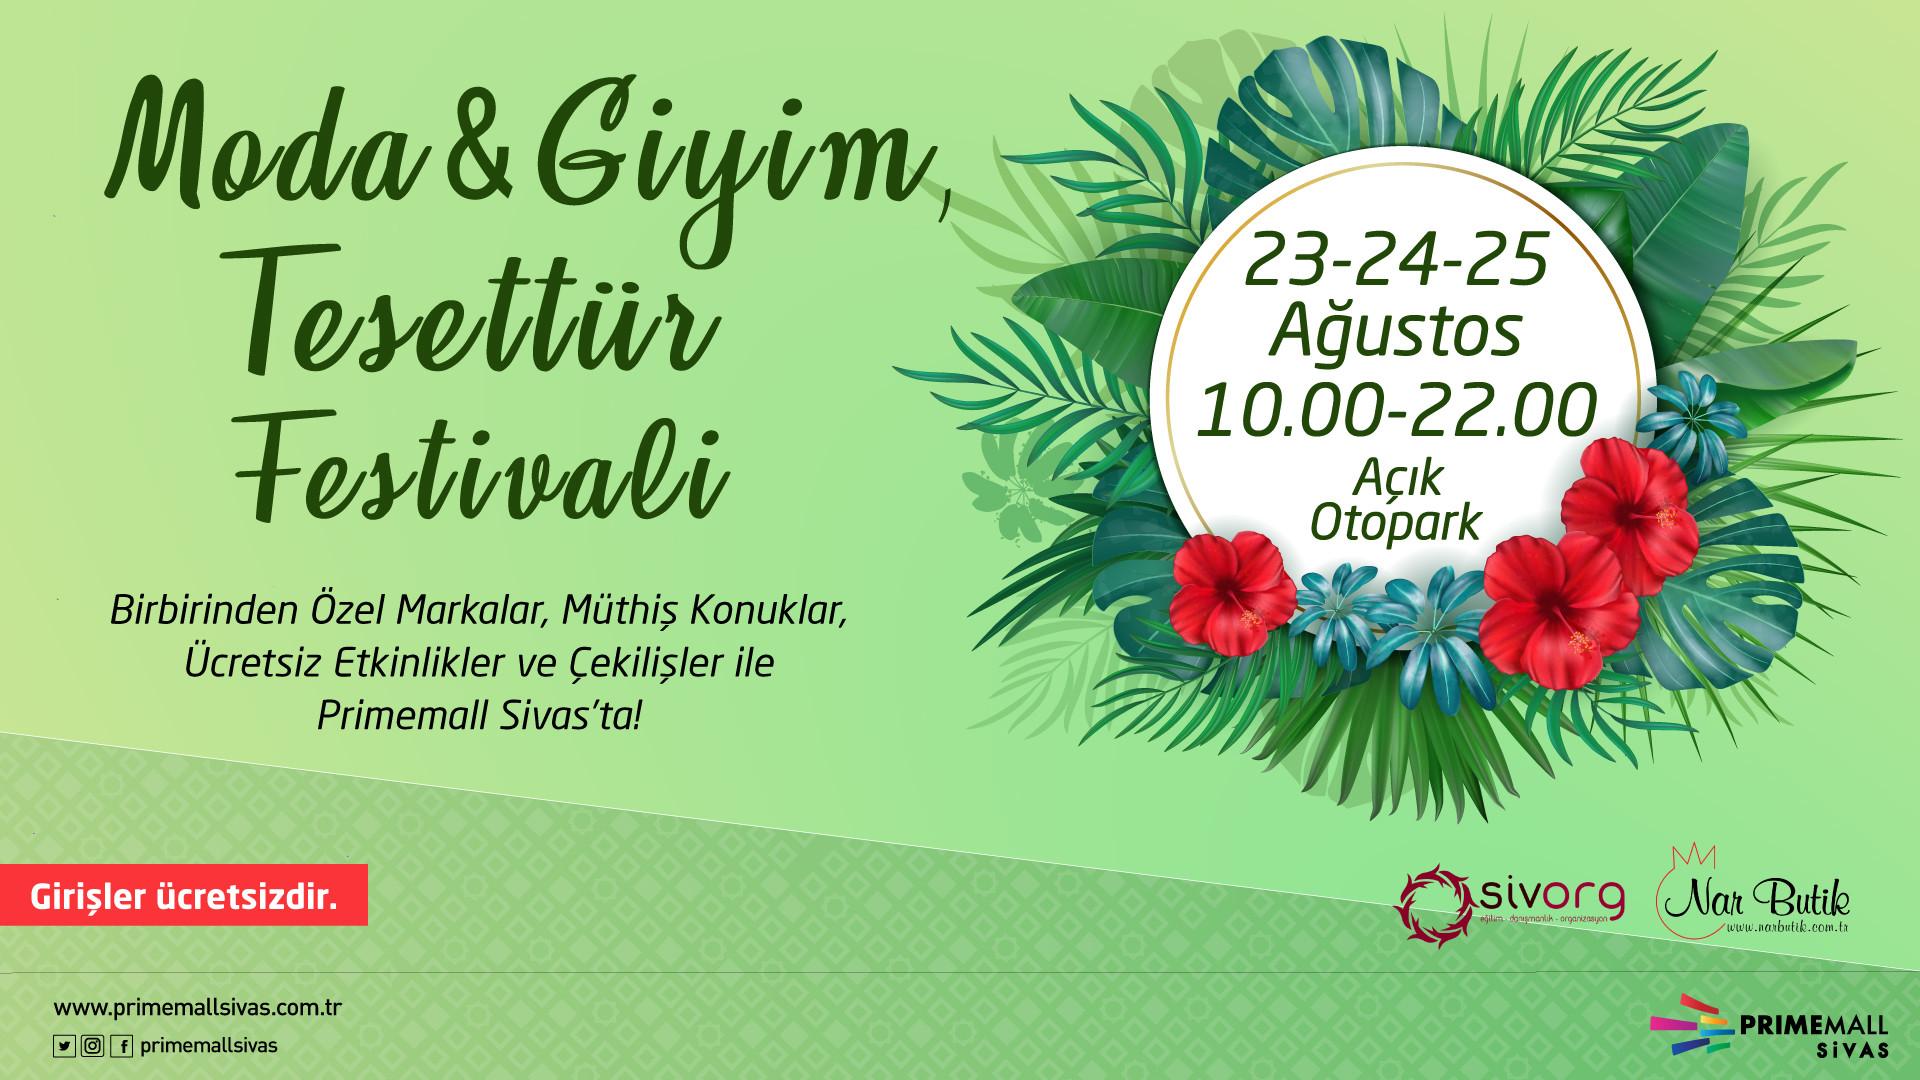 Moda&Giyim Tesettür Festivali